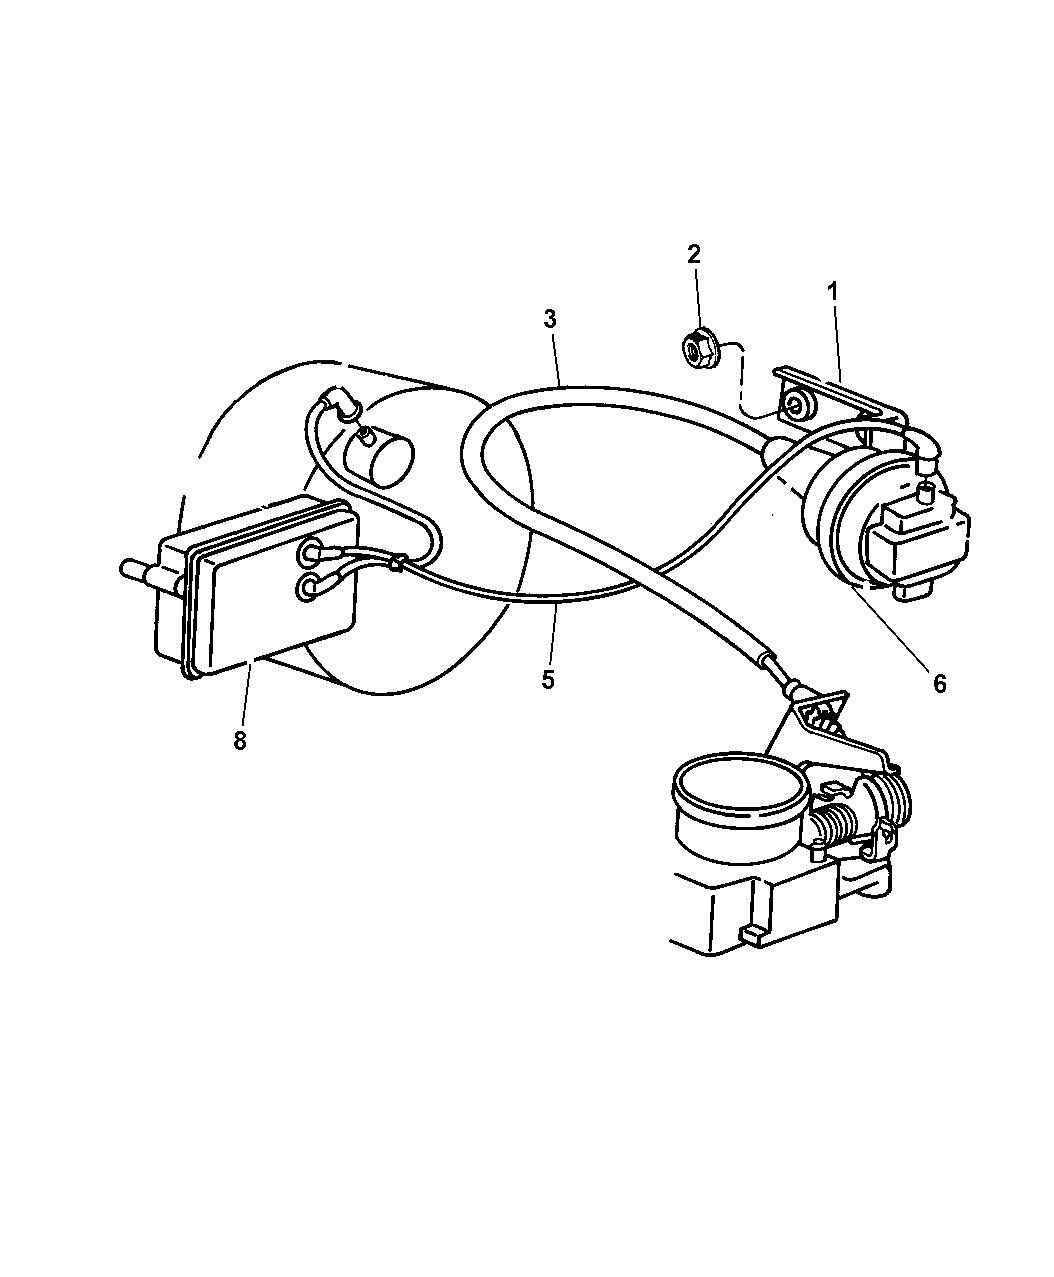 2004 Dodge Grand Caravan Speed Control Mopar Parts Giant Engine Schematics